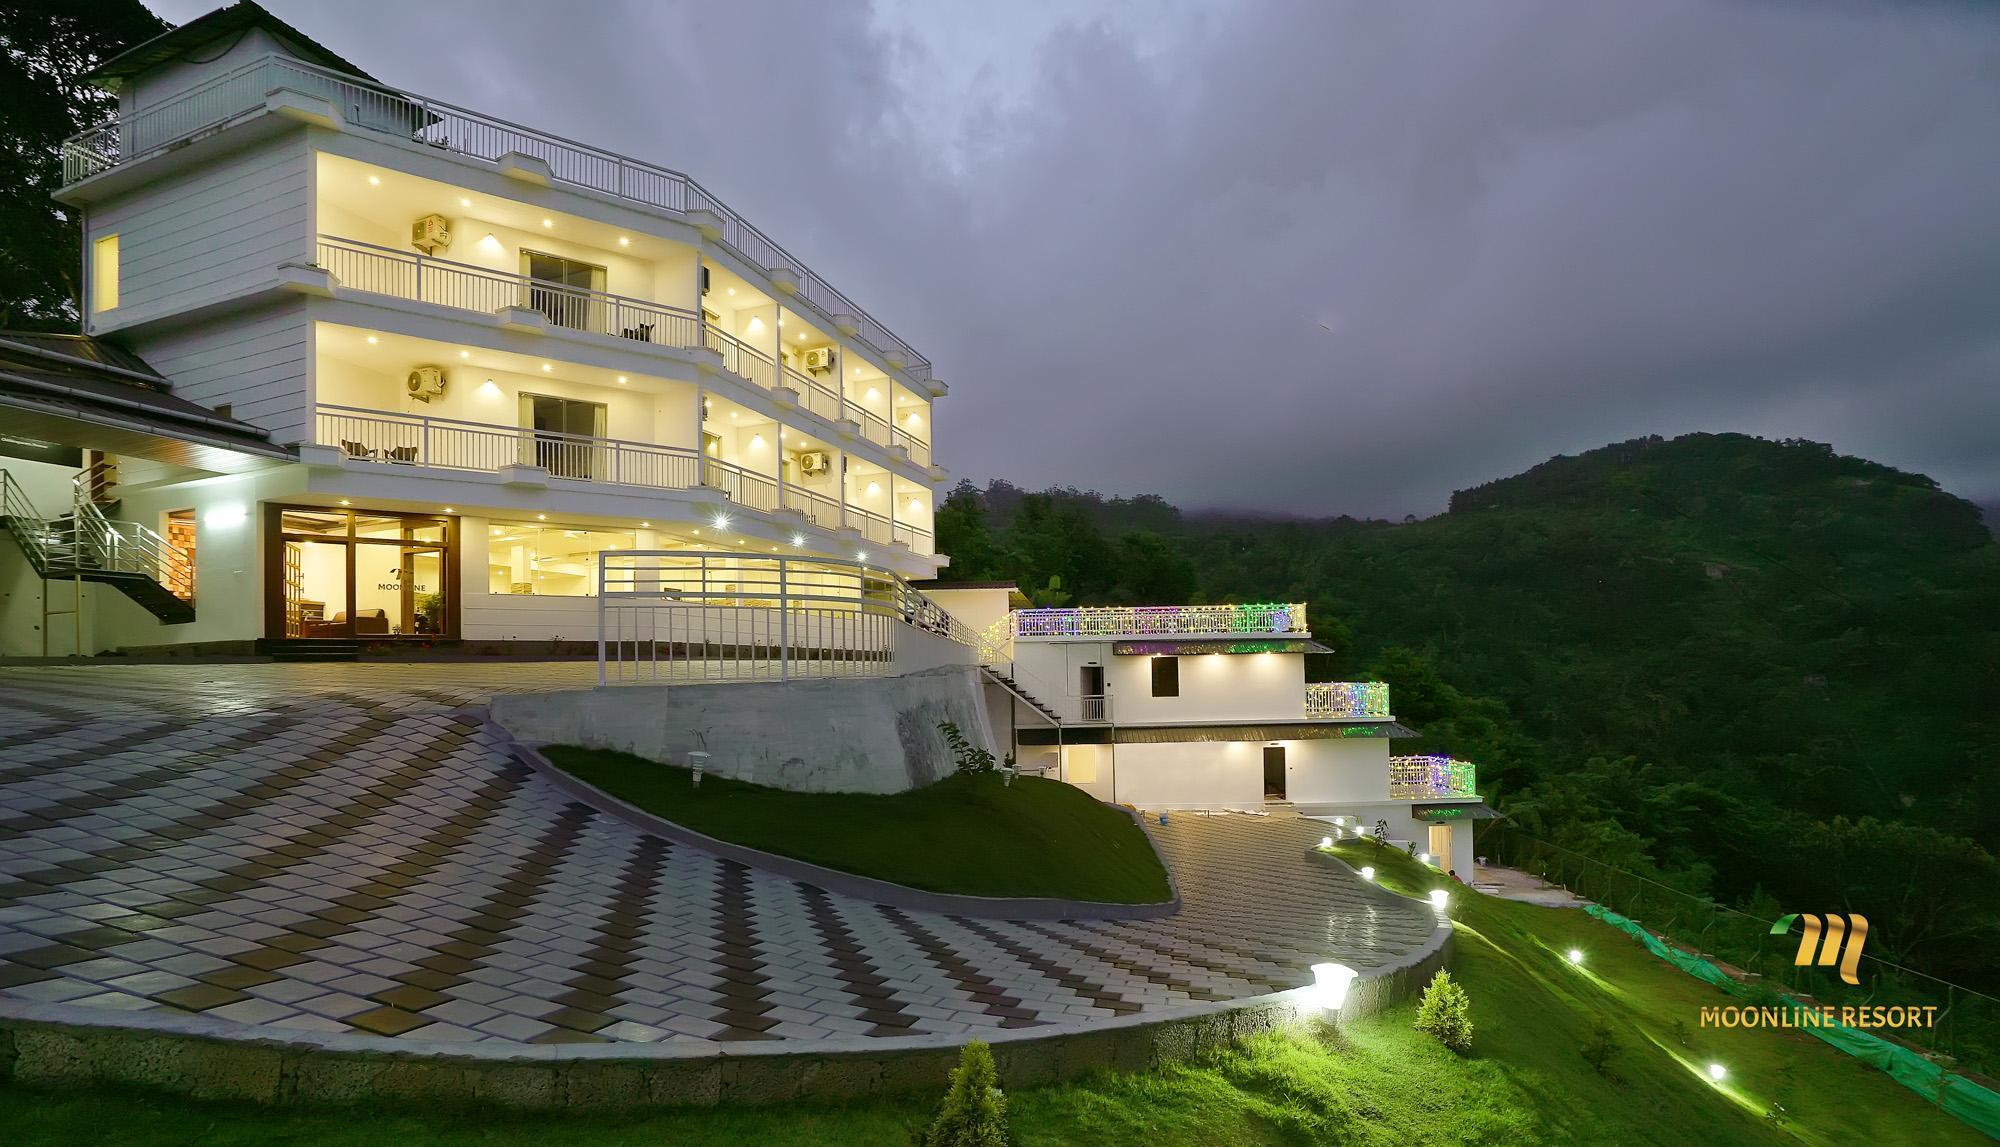 Moonline Resort